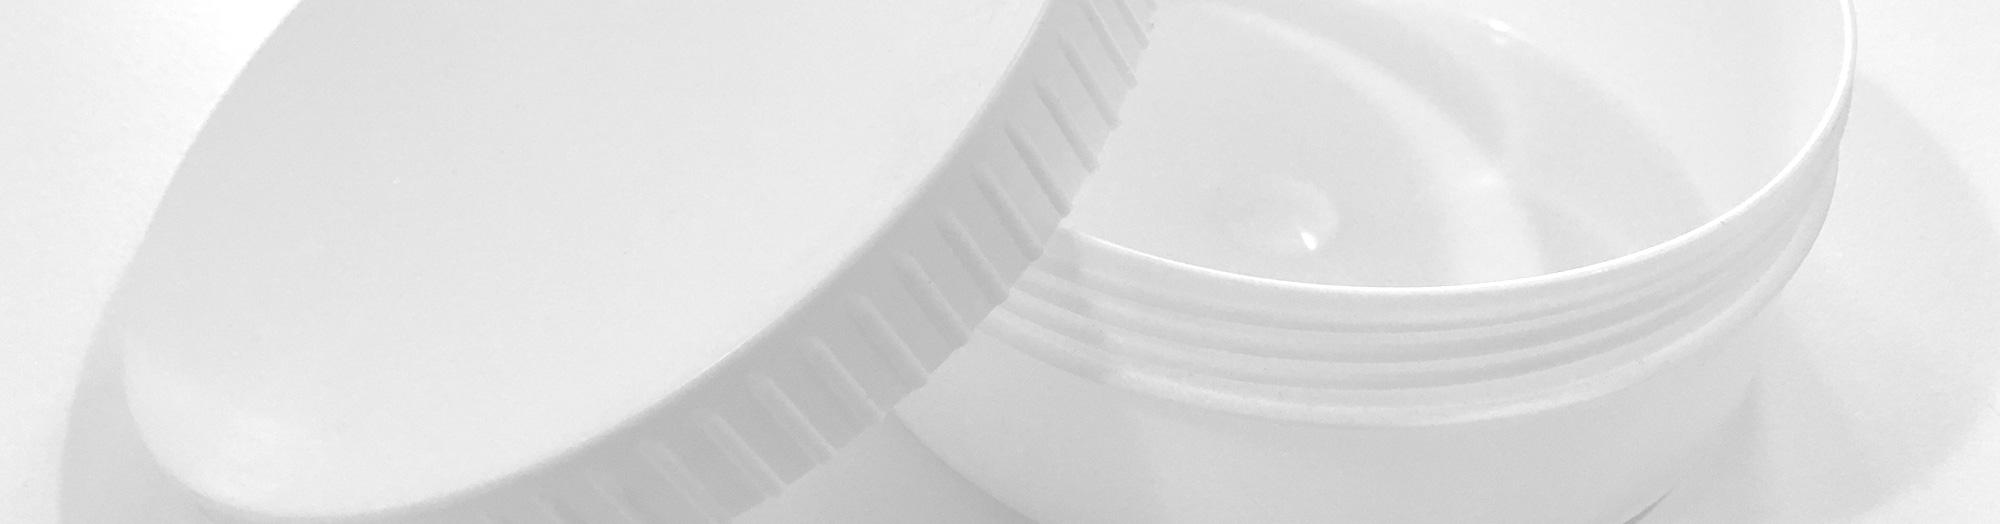 Plastiplast Kunststoffdosen mit Schraubdeckel Serie FDO